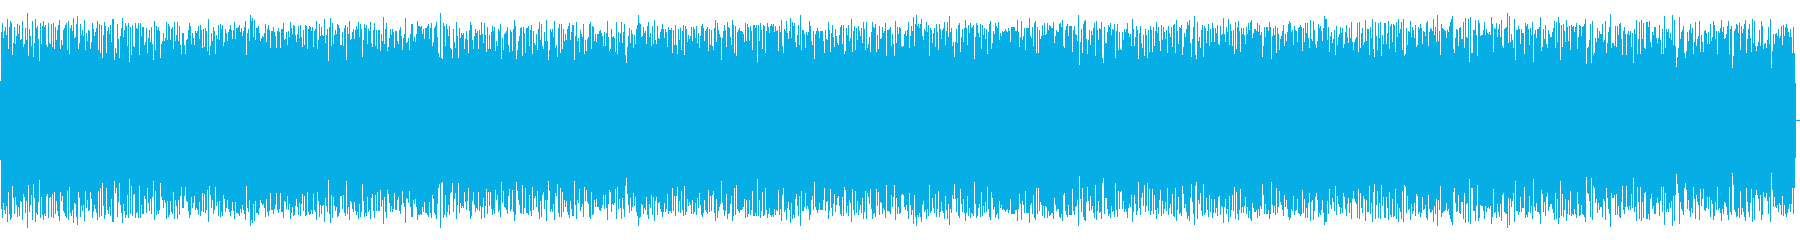 ザワザワ(工場や車)の再生済みの波形